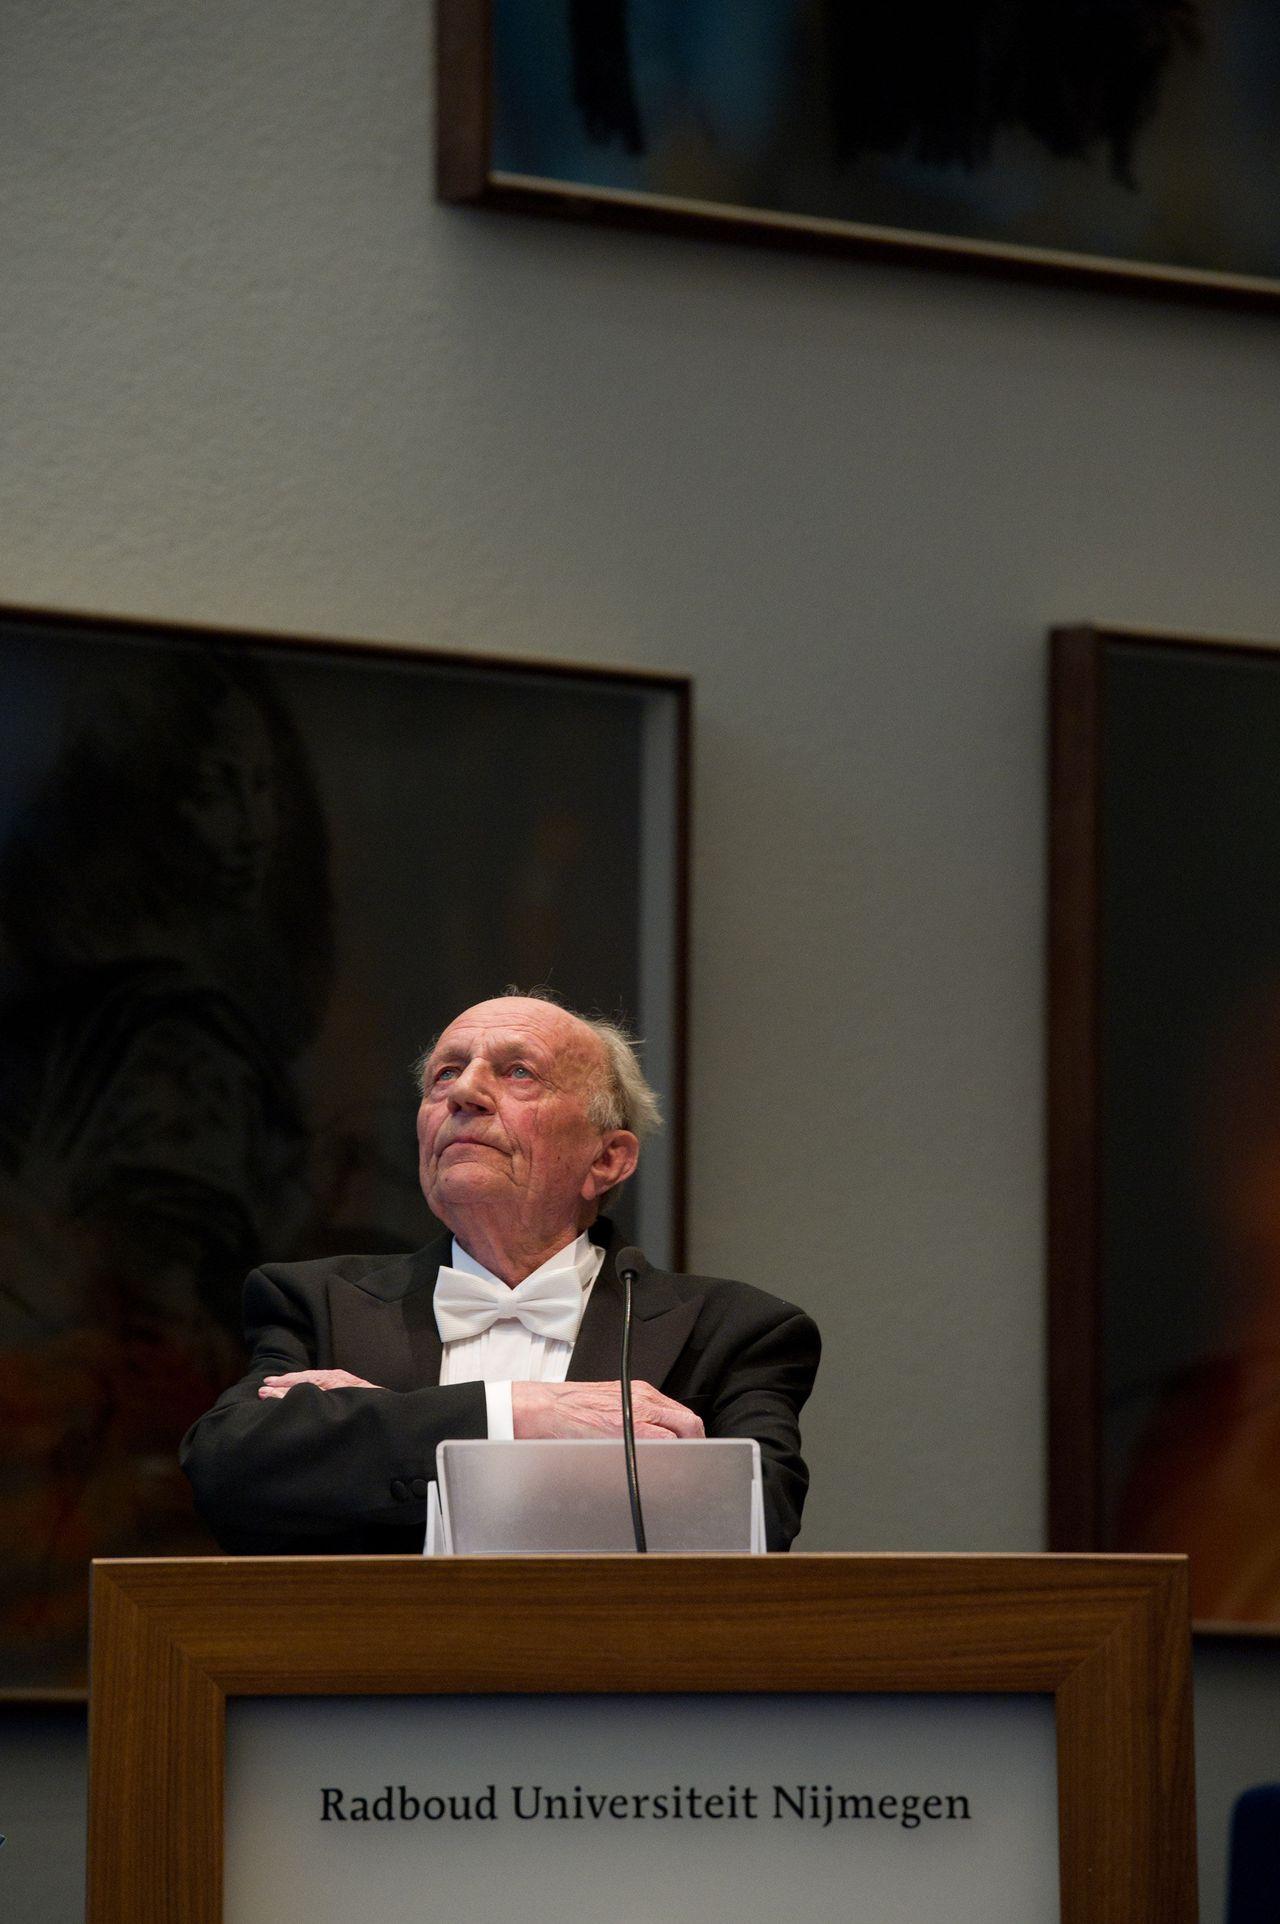 WFA28T:OUDSTE PROMOVENDUS NEDERLAND:NIJMEGEN;19APR2011-De 89 jarige promovendus Drs. Gerrit Deems uit Nijmegen promoveert met een proefschrift over de rooms-katholieke priester Alfons Ariëns. Hij is daarmee - zoals wordt aangenomen - de oudste promovendus die de bul fysiek in ontvangst mag nemen. FOTO: De 89 jarige promovendus Drs. Gerrit Deems uit Nijmegen tijdens de verdediging van zijn proefschrift.WFA/pr/str.Paul Rapp